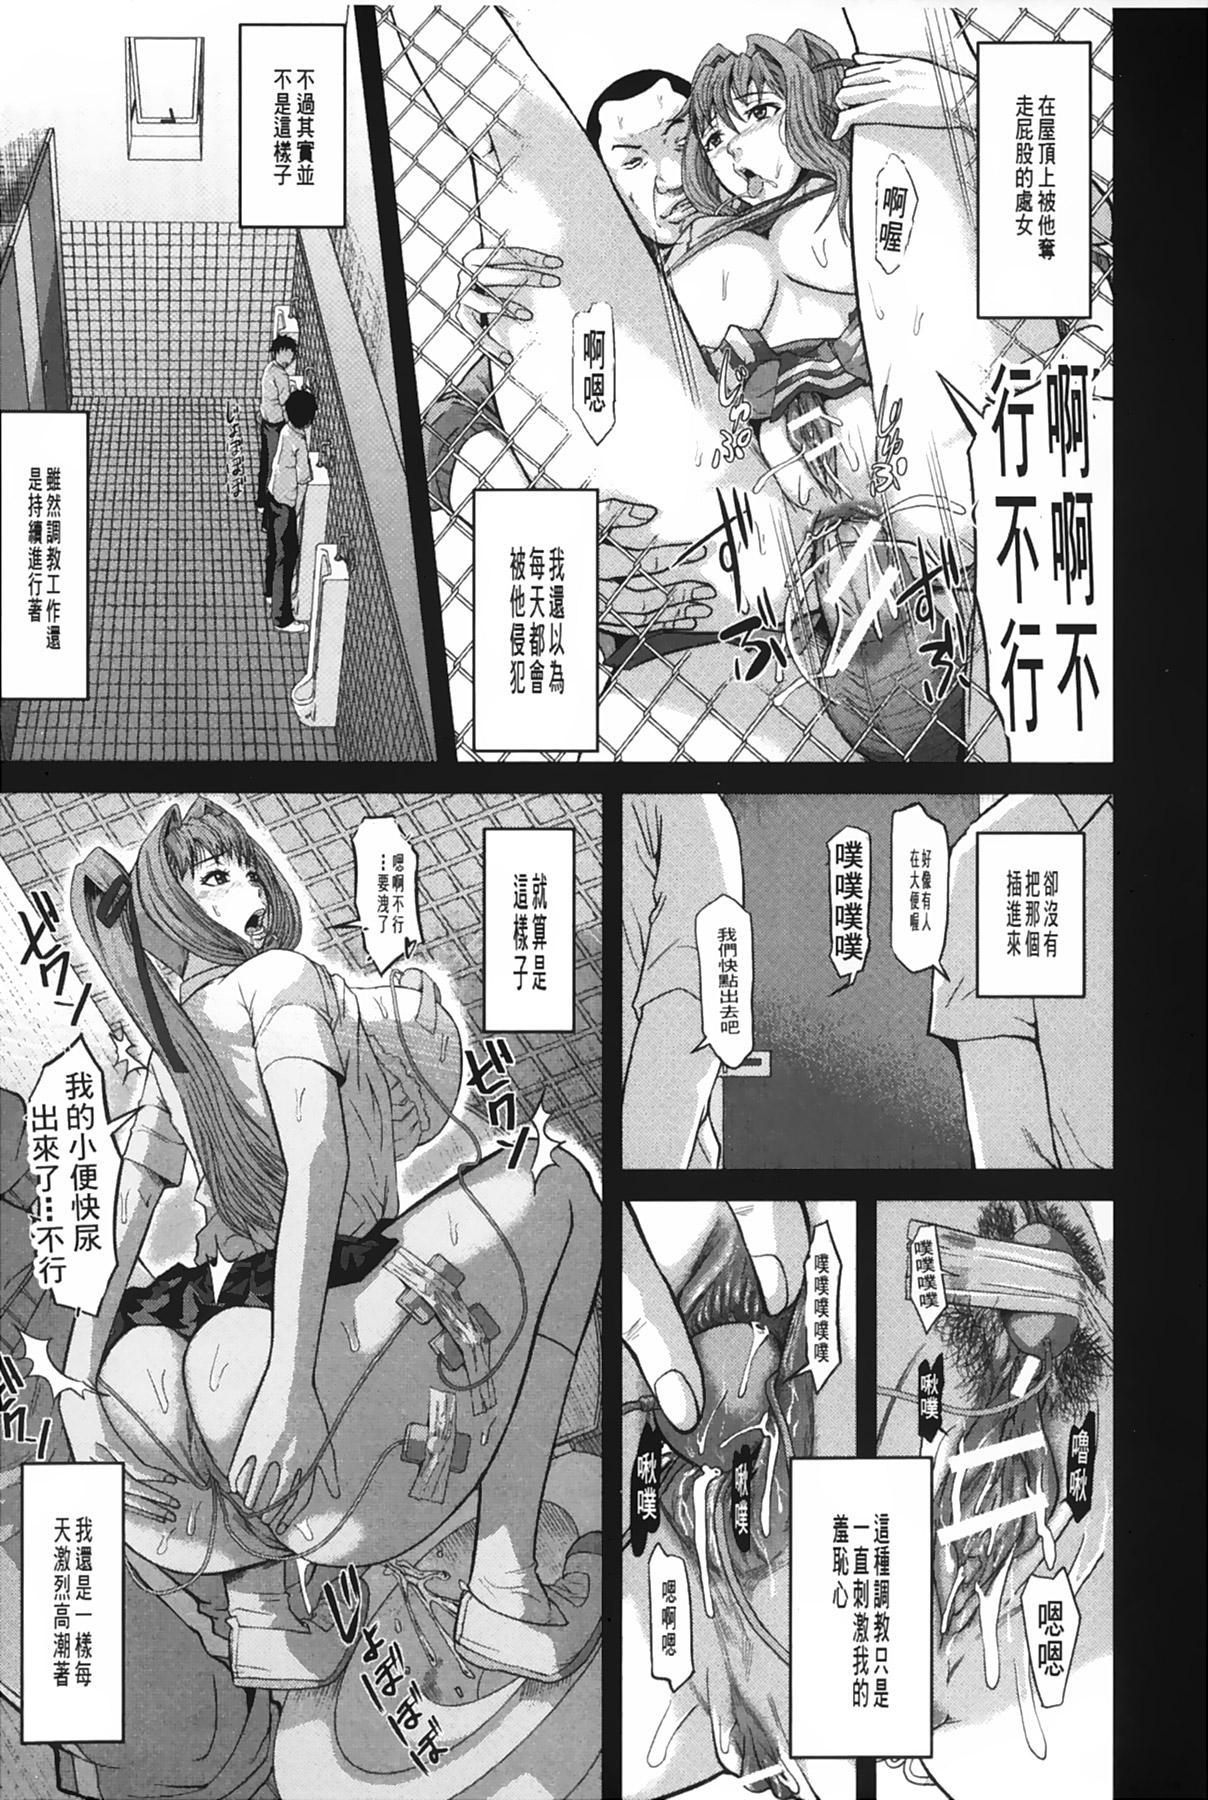 [Honebuto Danshaku] Onna Jigoku Niku no Tsubo~Hentai Rui Inran Ka Mesu Buta Ichidaiki~ | 女地獄、肉之壺 ~変態類淫乱科淫母豬一代記~ [Chinese] 139